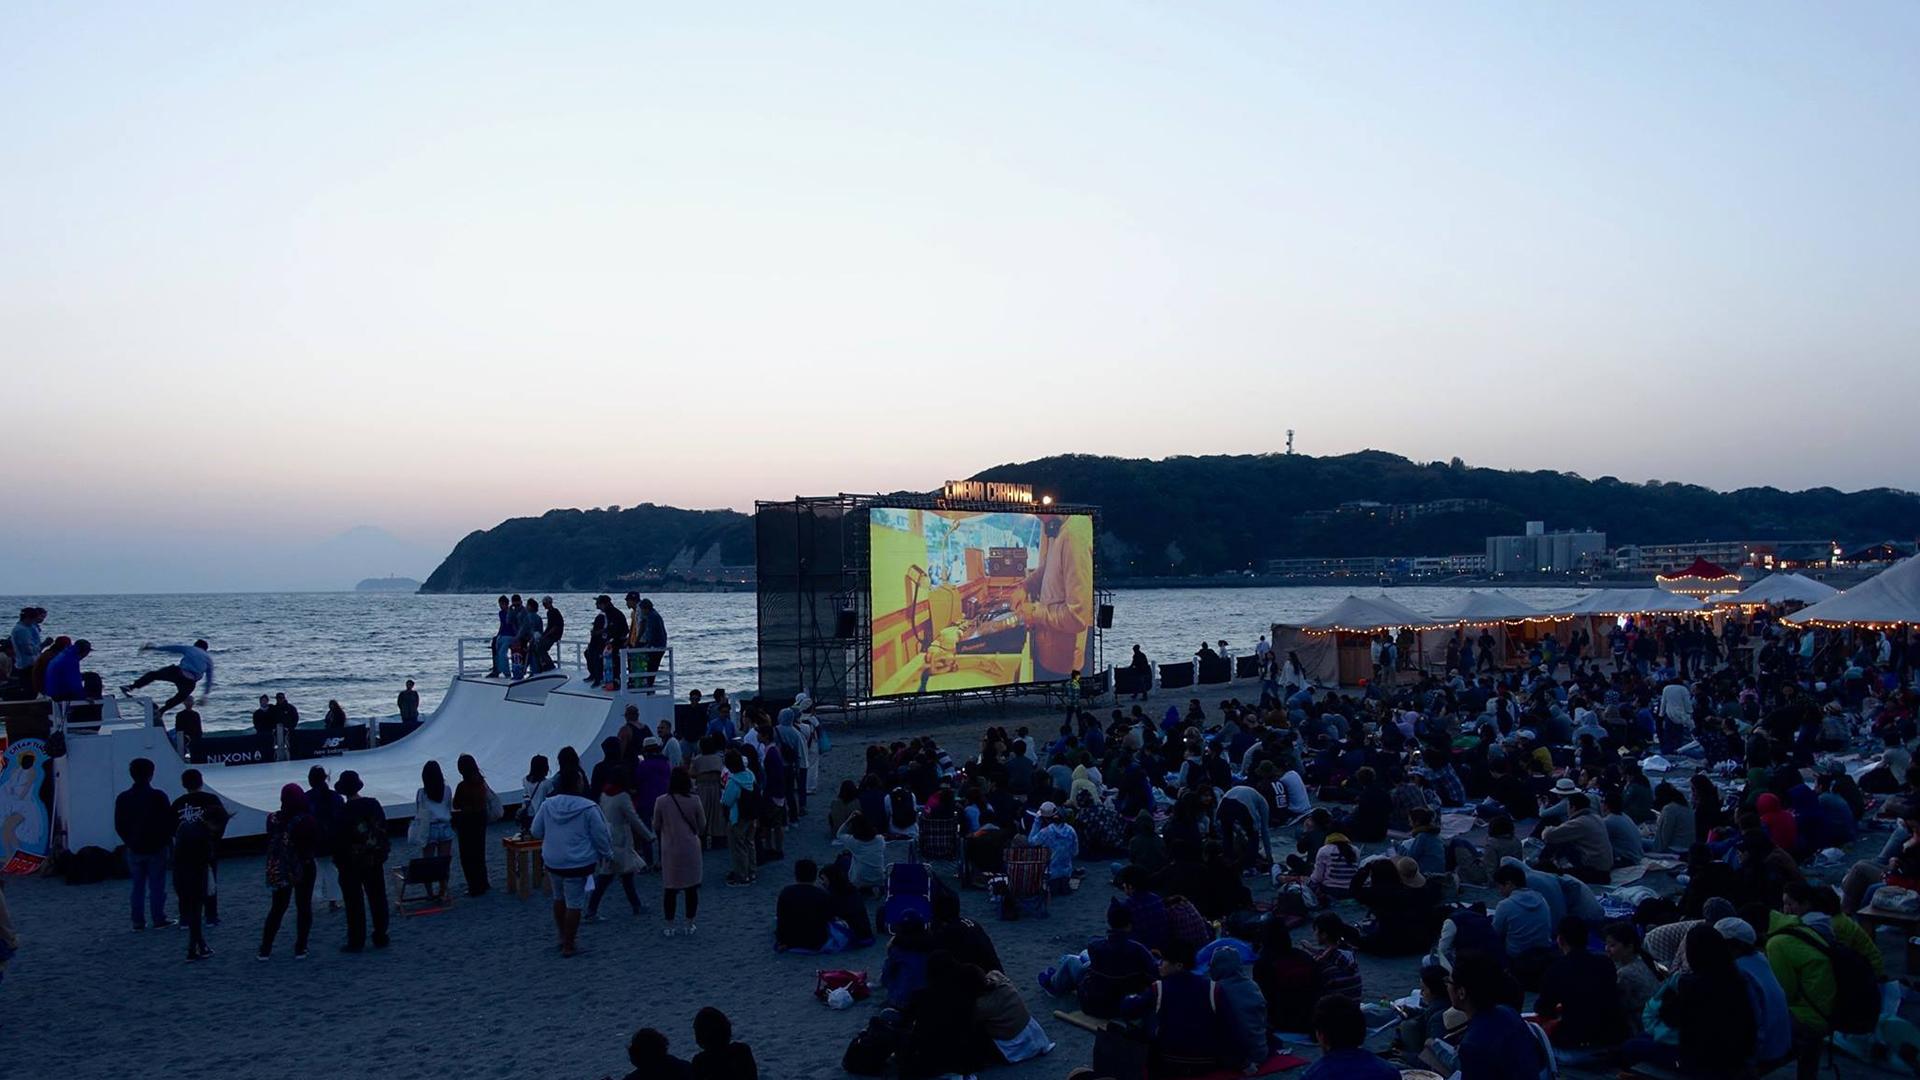 第8回逗子海岸映画祭の協賛をさせて頂いております